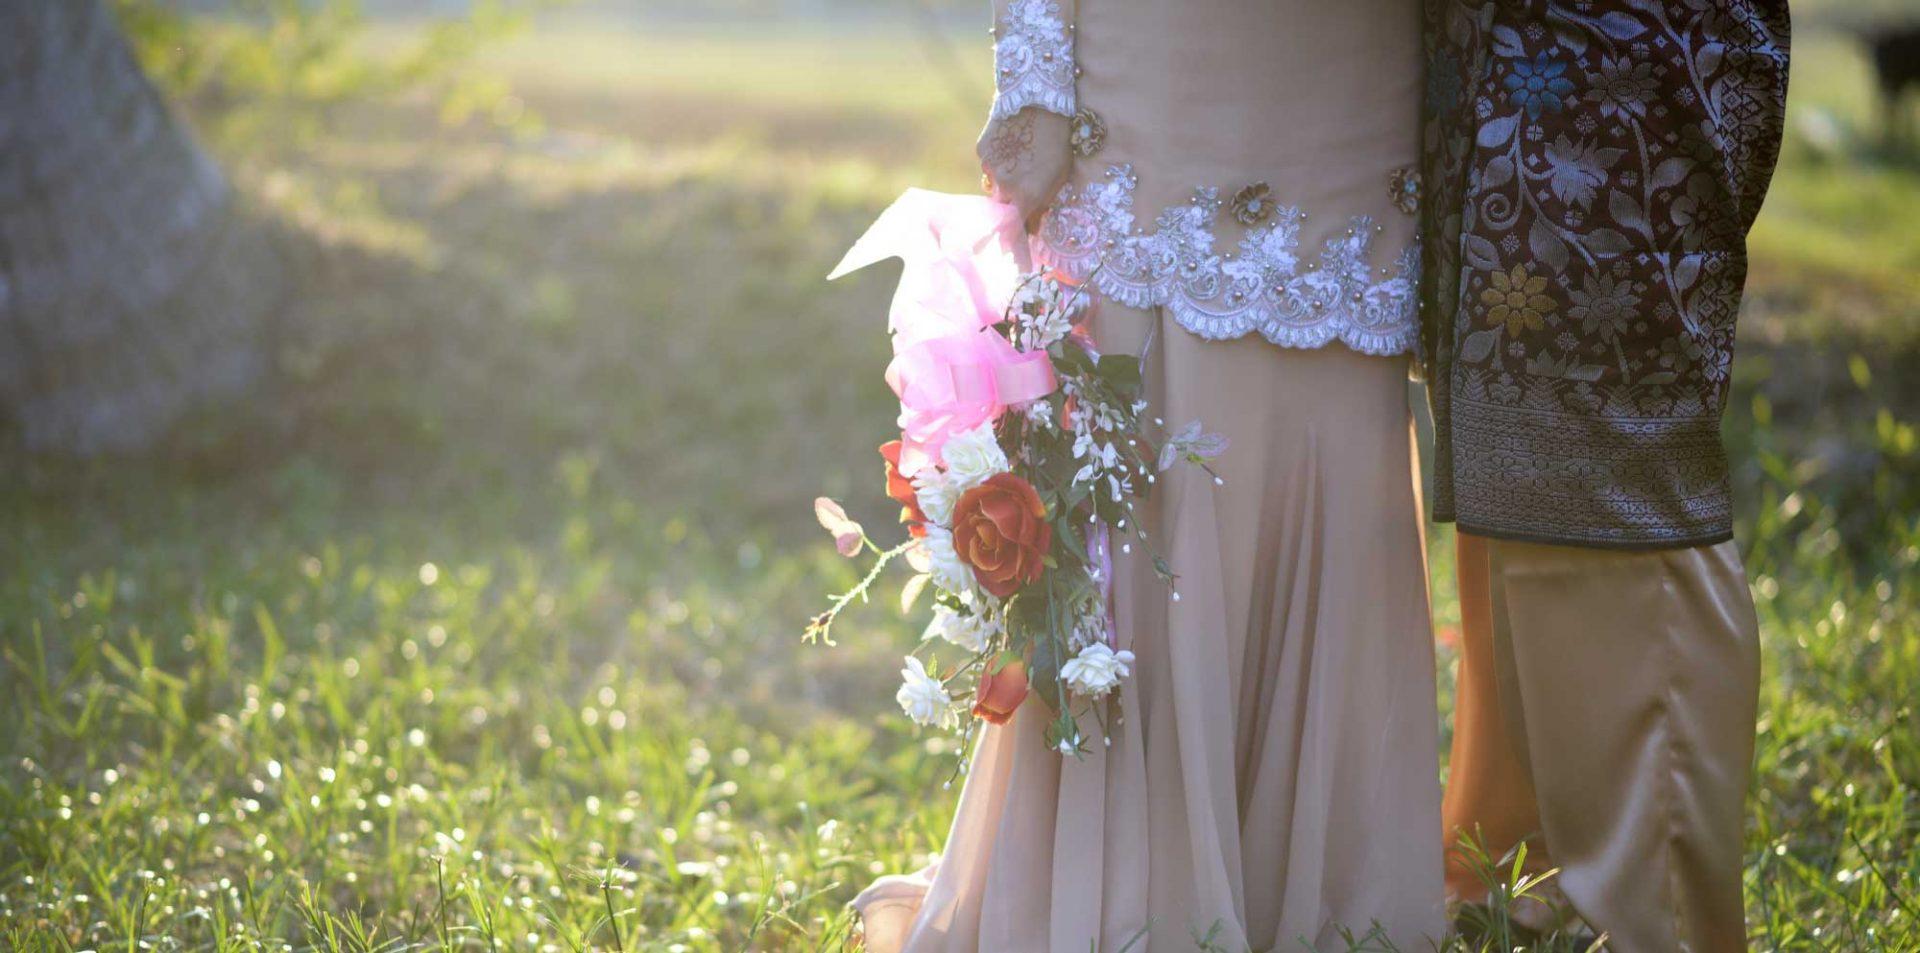 El matrimonio islámico es un vinculo sagrado descrito en el Noble Corán, pero ¿cómo se lleva a cabo una boda entre los musulmanes?